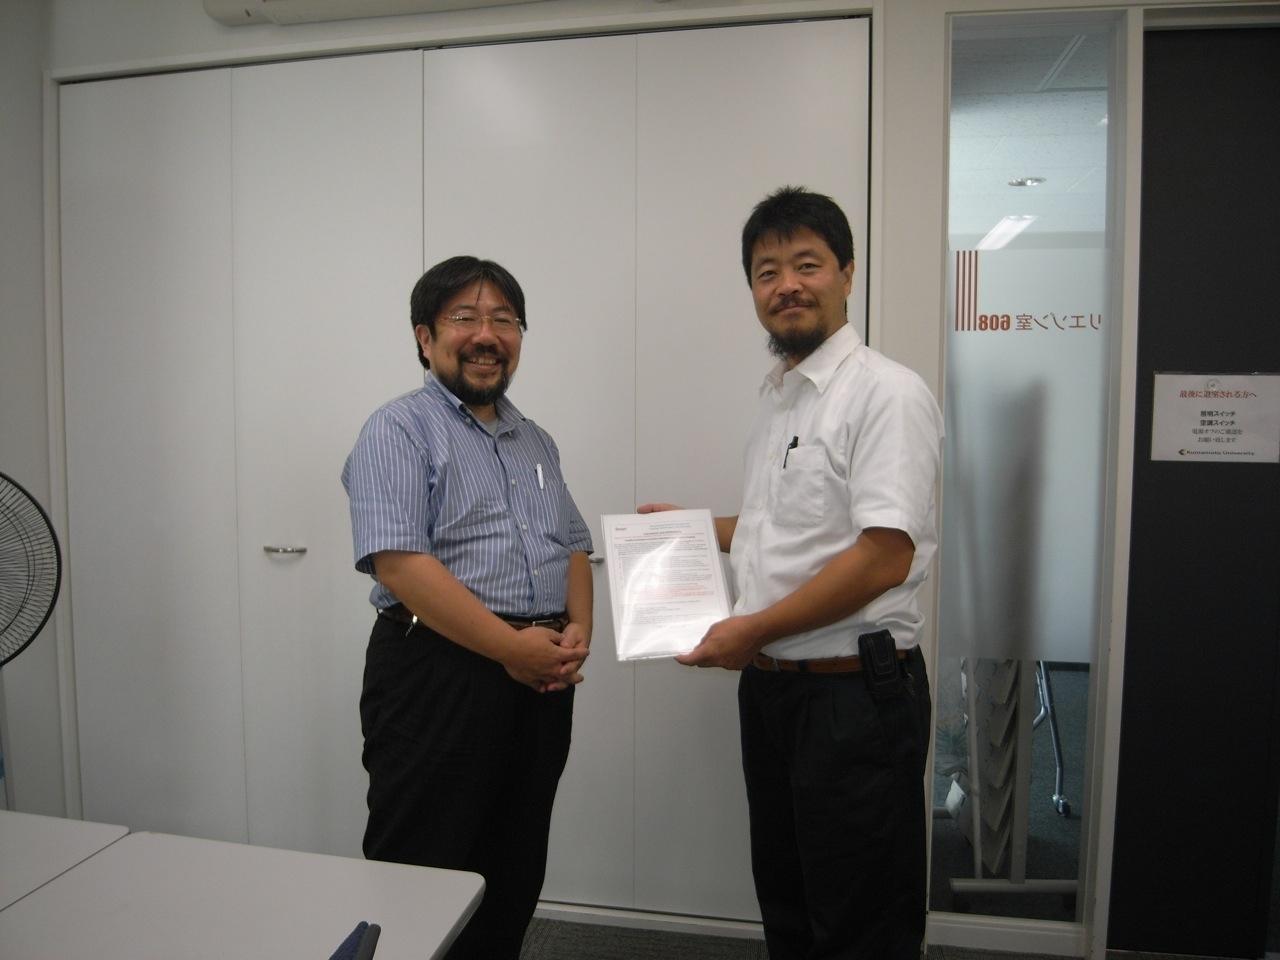 日本BLS協会、国際標準指導員技能を利用した医療シミュレーション指導員養成を開始